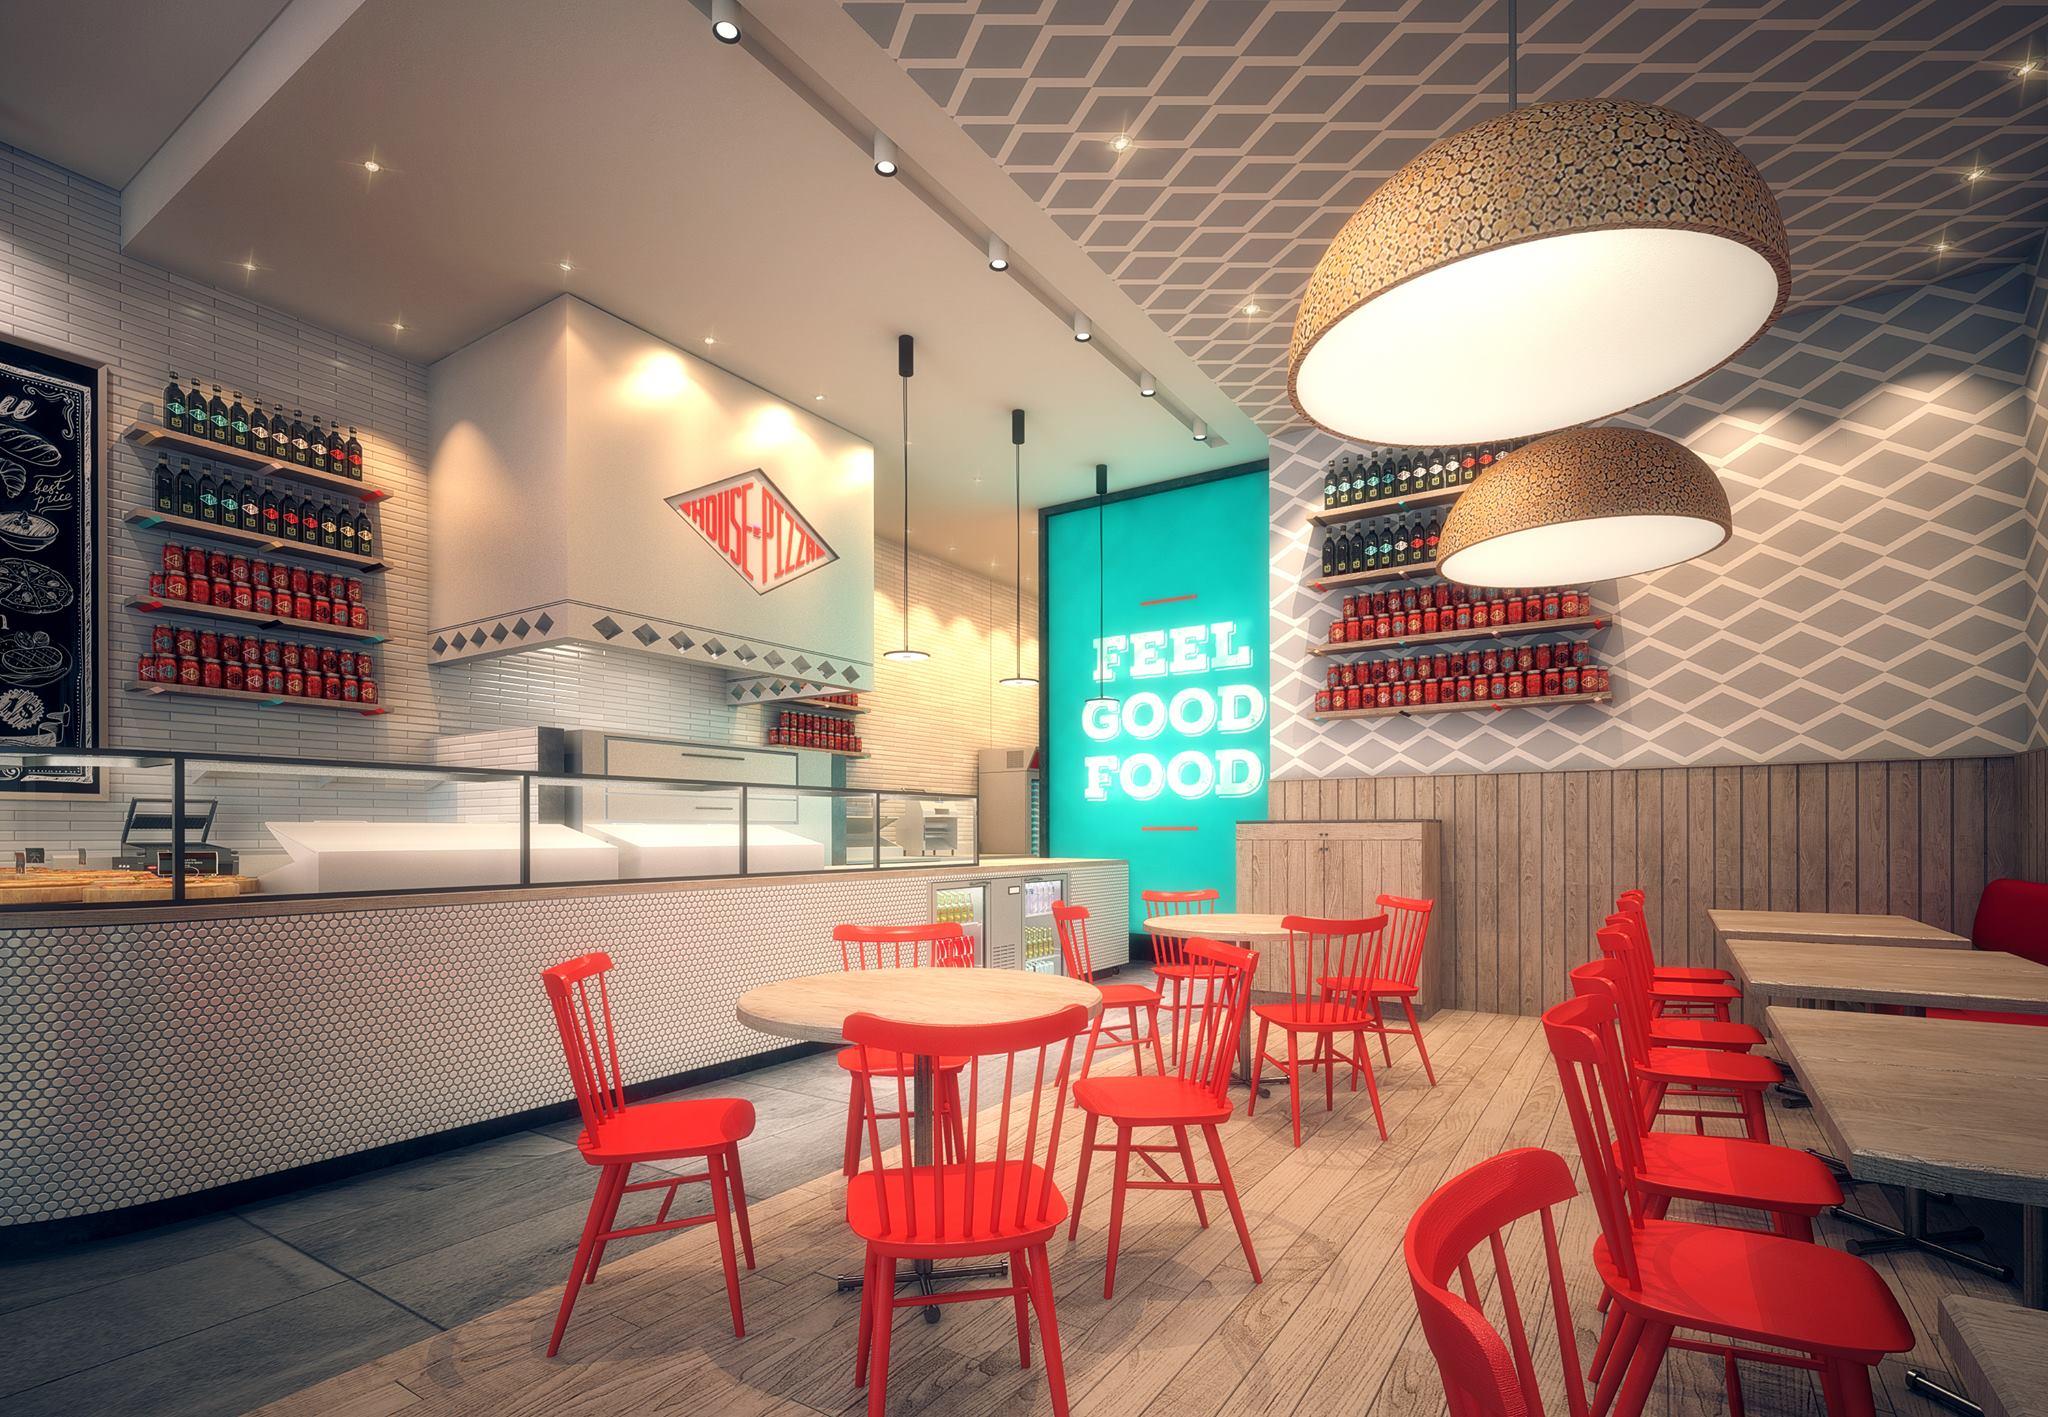 بالصور إطلاق مطعم بيت البيتزا في دبي زووم الإمارات